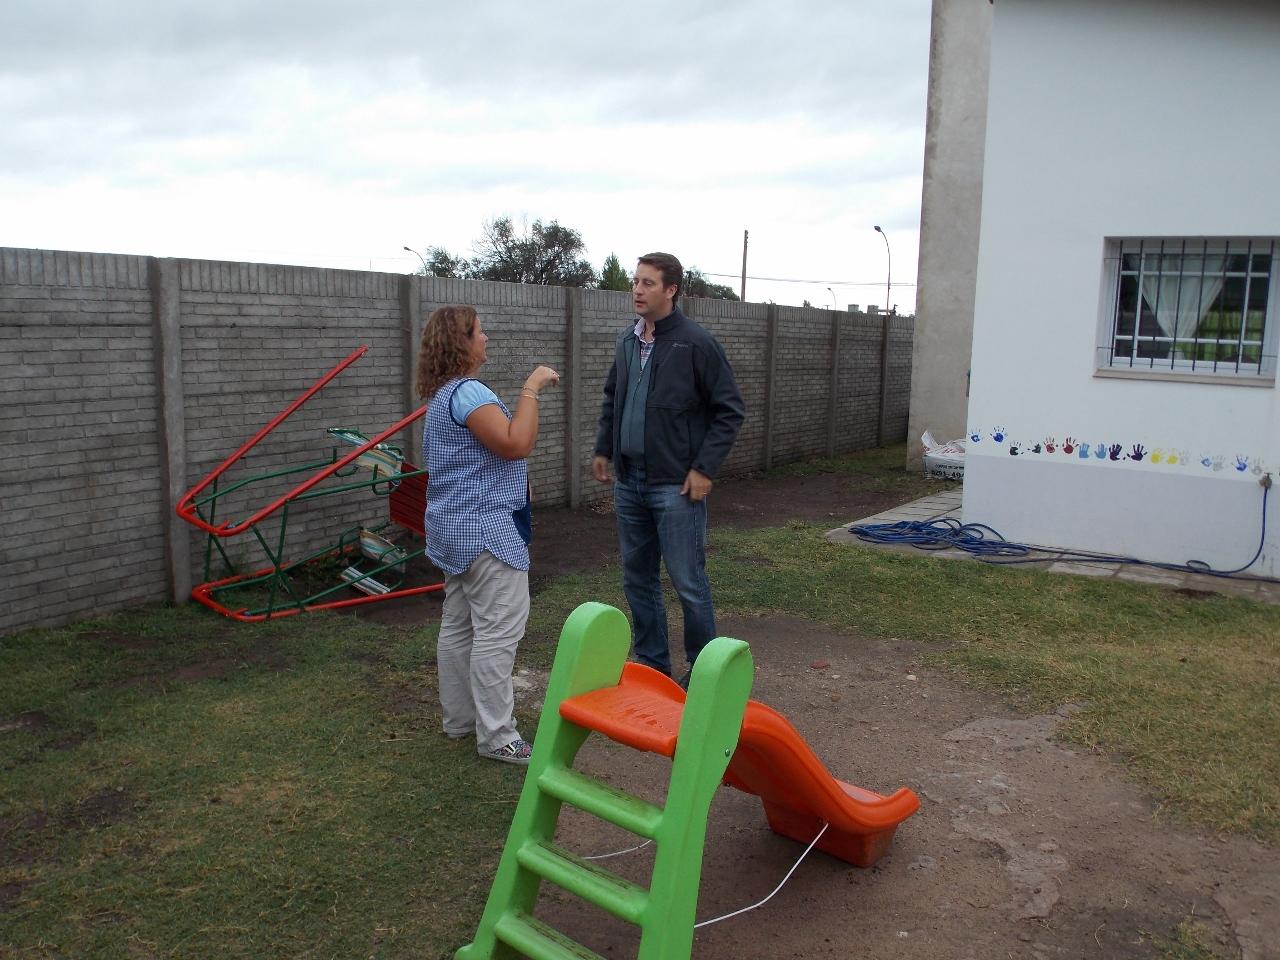 Tornquist el intendente visit el jard n de infantes n for Jardin de infantes 2015